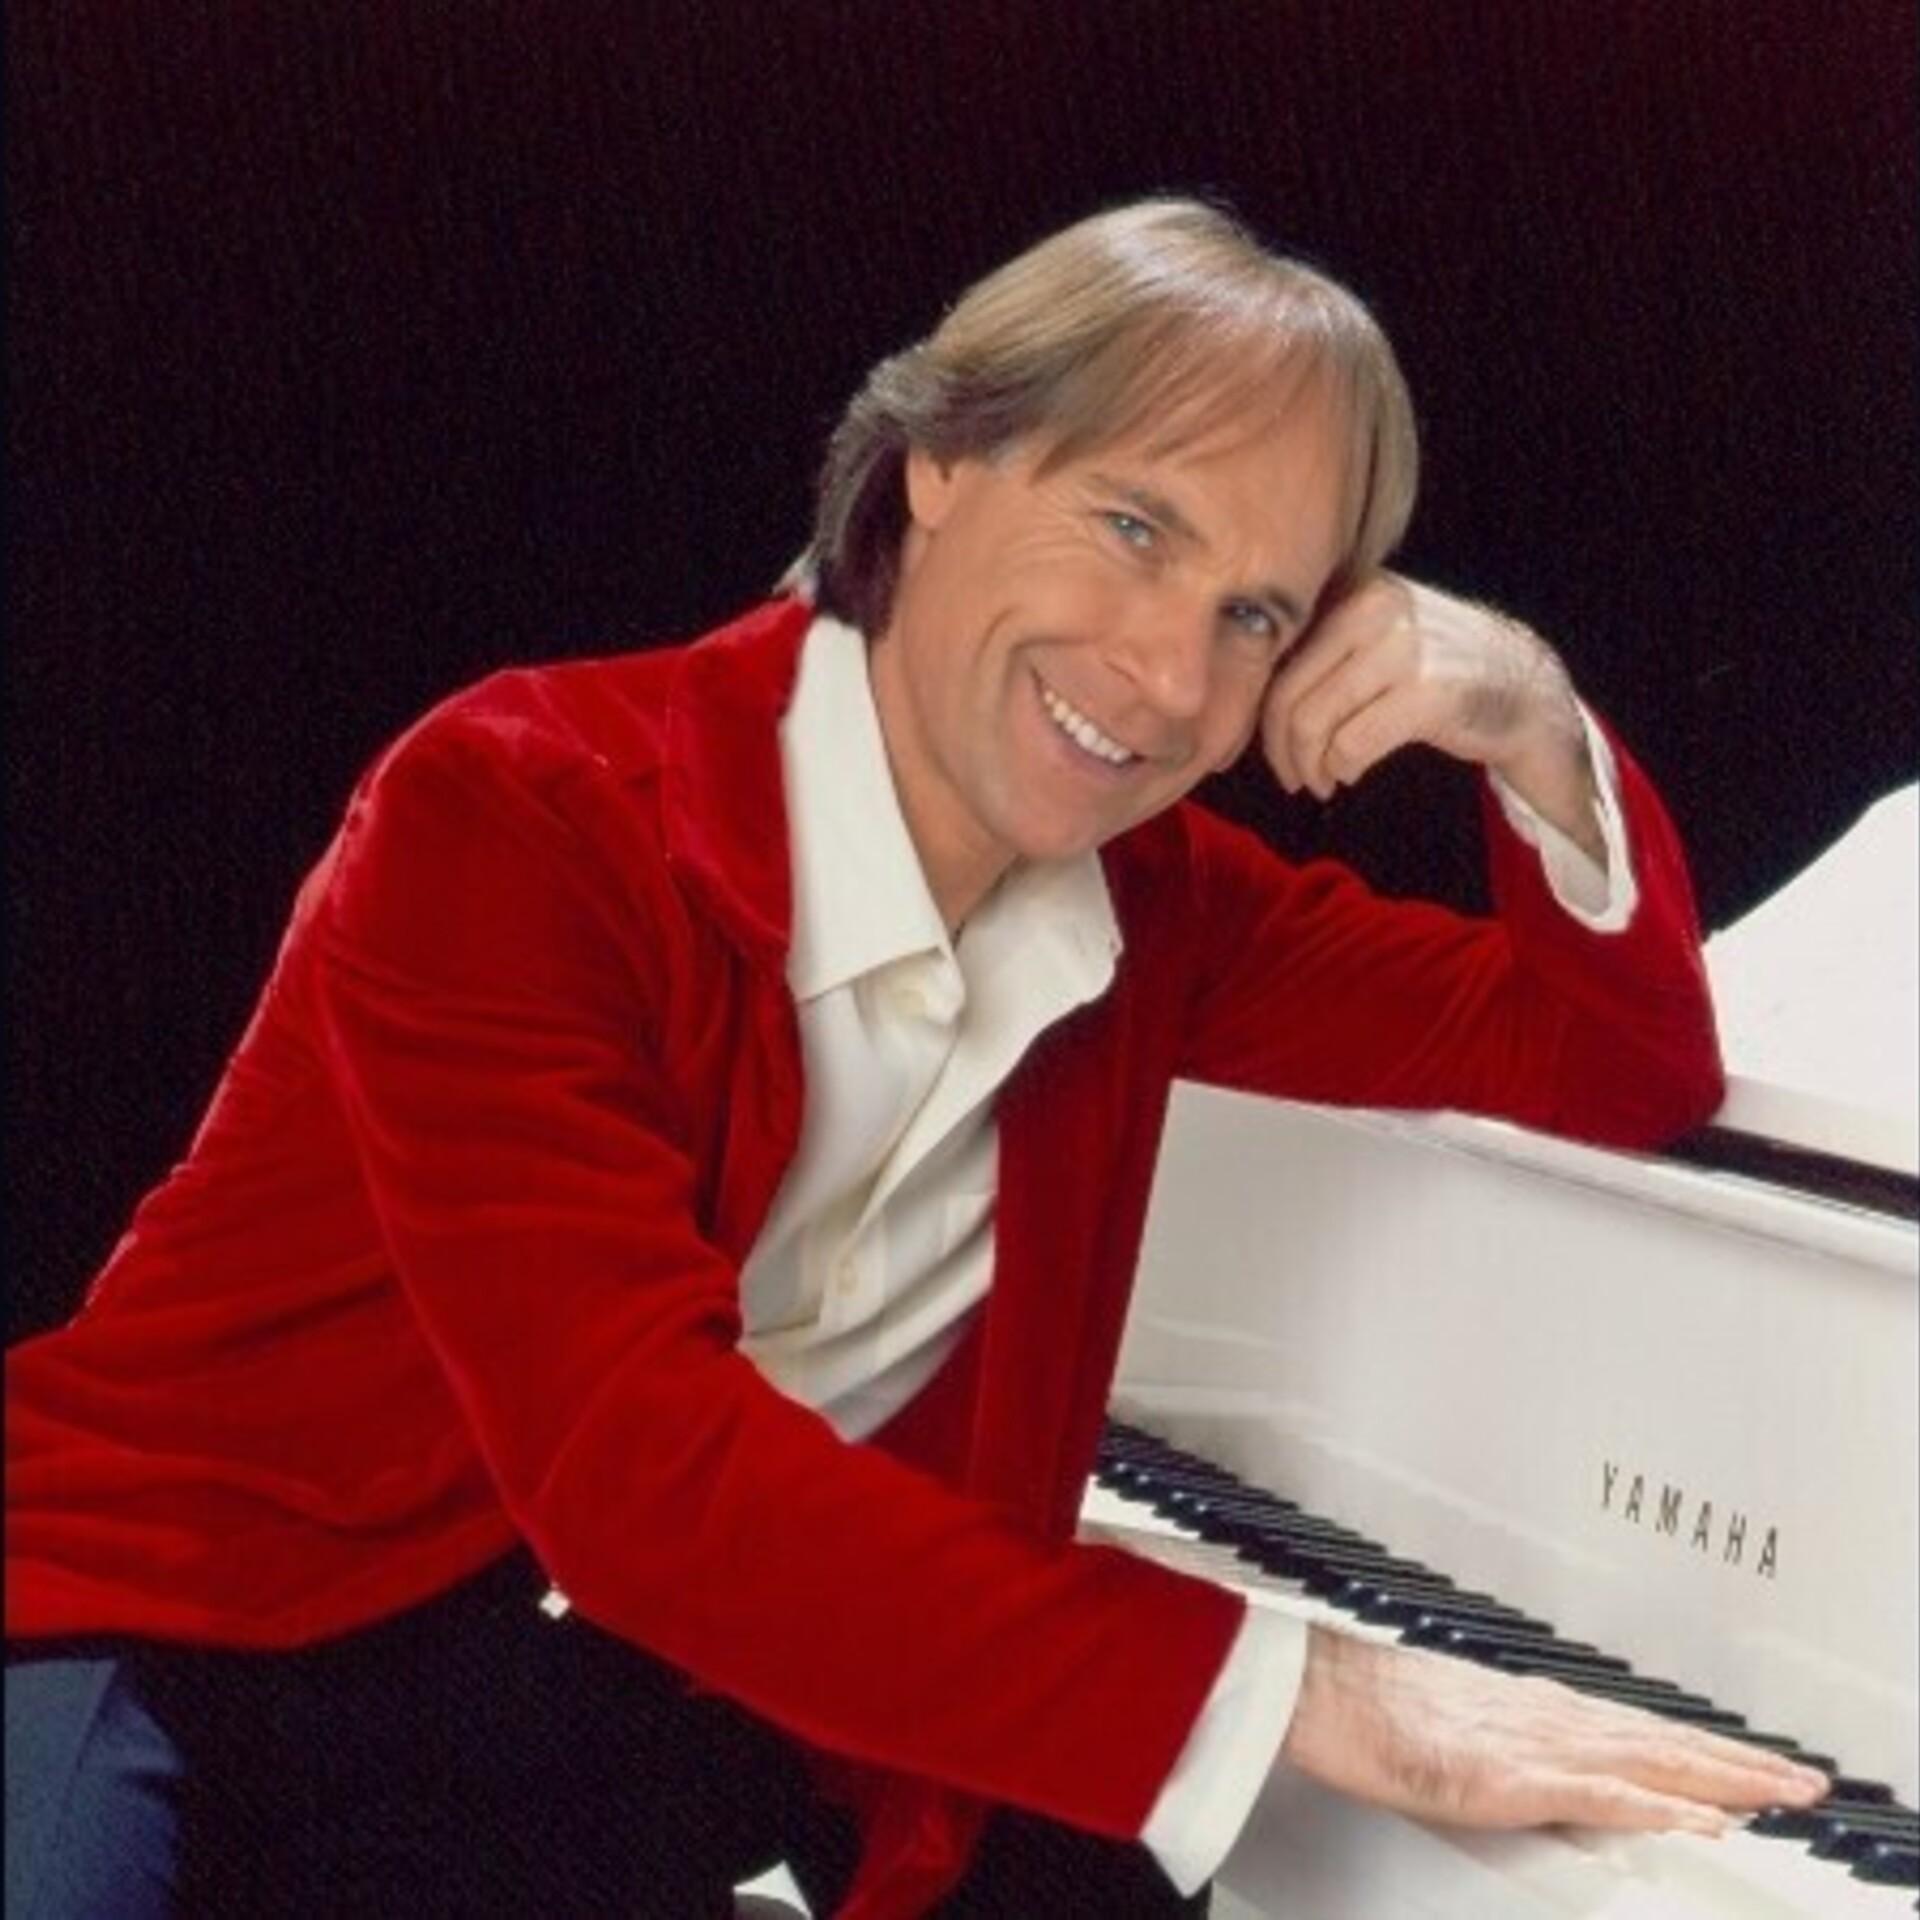 Пианистка с гол ми сиськами